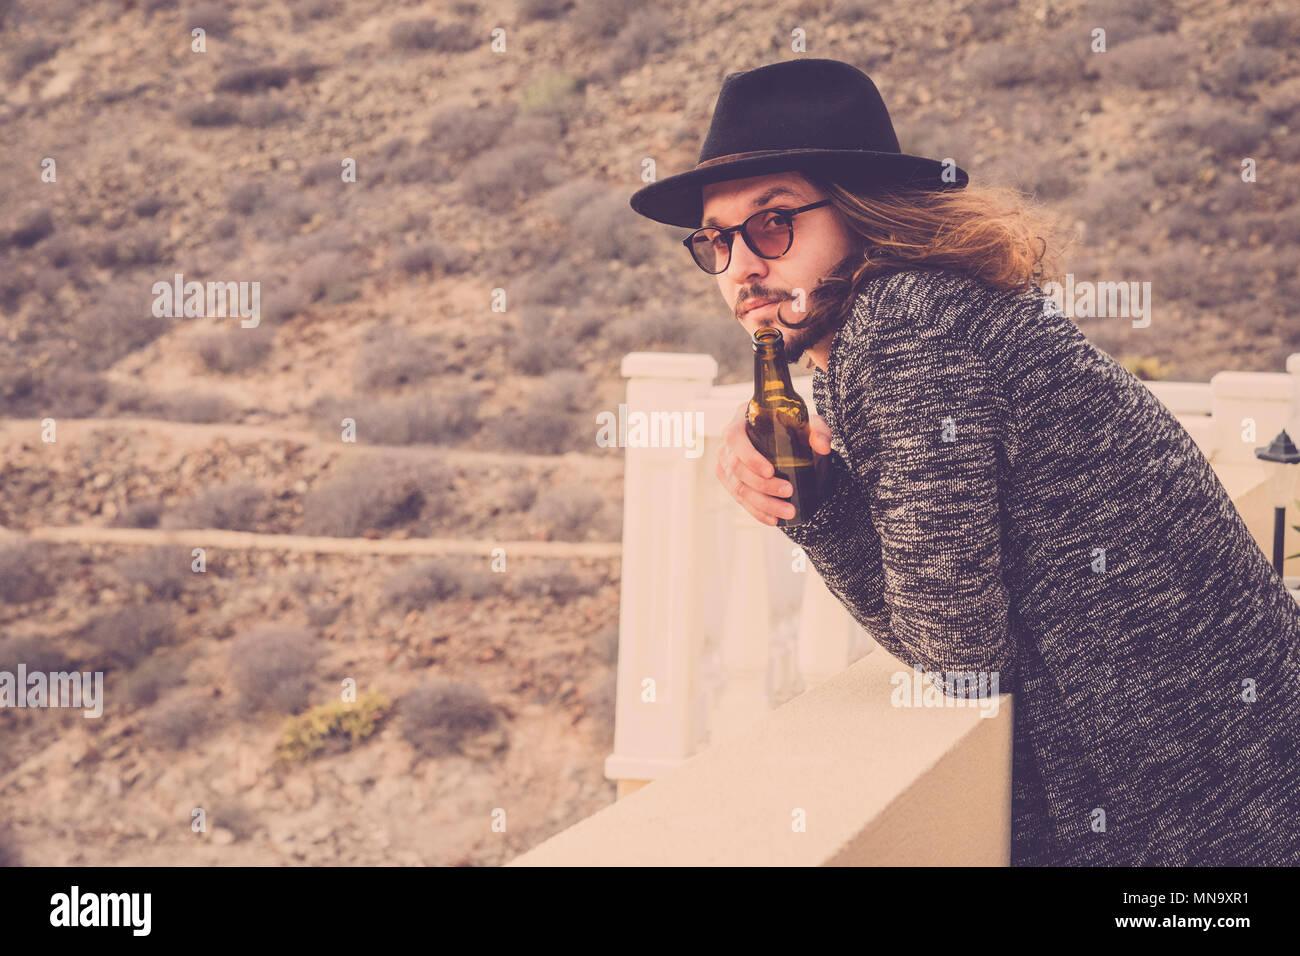 Lange Haare schöne junge Mann, trinken Bier im Freien auf der Dachterrasse mit Blick auf die Berge und die Natur im Hintergrund. vingtage retro Filter. black hat ein Stockbild